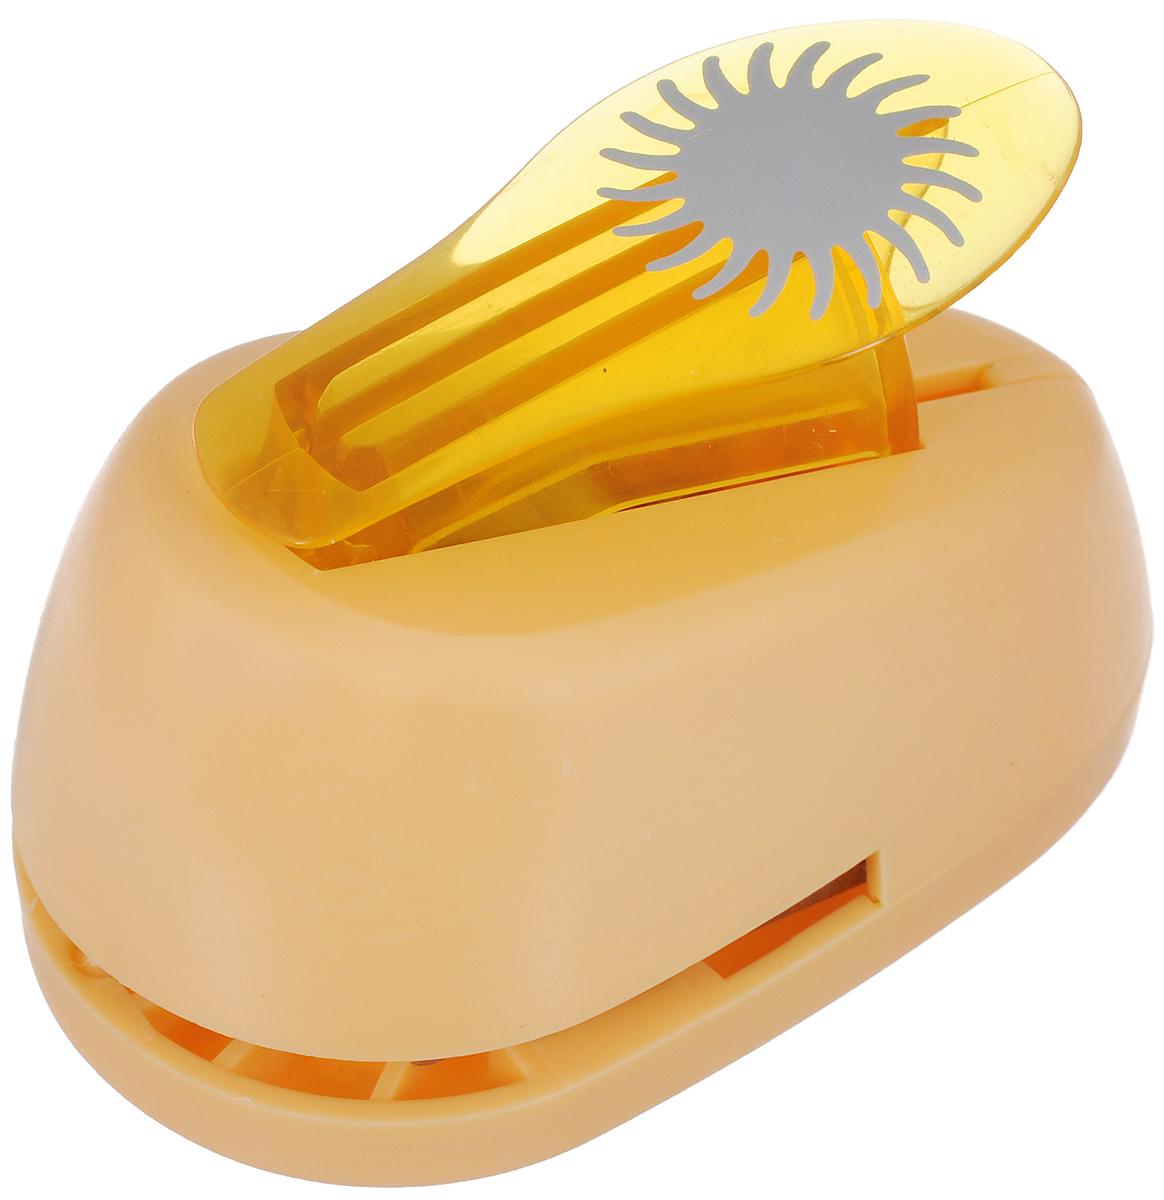 Дырокол фигурный Hobbyboom Солнце-василек, №88, цвет: оранжевый, 2,5 смFS-00897Дырокол фигурный Hobbyboom Солнце-василек, выполненный из прочного пластика и металла, используется в скрапбукинге для украшения открыток, карточек, коробок и многого другого.Применяется для прорезания фигурных отверстий в бумаге. Вырезанный элемент также можно использовать для украшения.При применении на бумаге большей плотности или на картоне дырокол быстро затупится. Чтобы заточить нож компостера, нужно прокомпостировать самую тонкую наждачную бумагу. Предназначен для бумаги плотностью от 80 до 200 г/м2. Размер дырокола: 8 х 5 х 5,5 см.Размер готовой фигурки: 2,5 х 2,5 см.